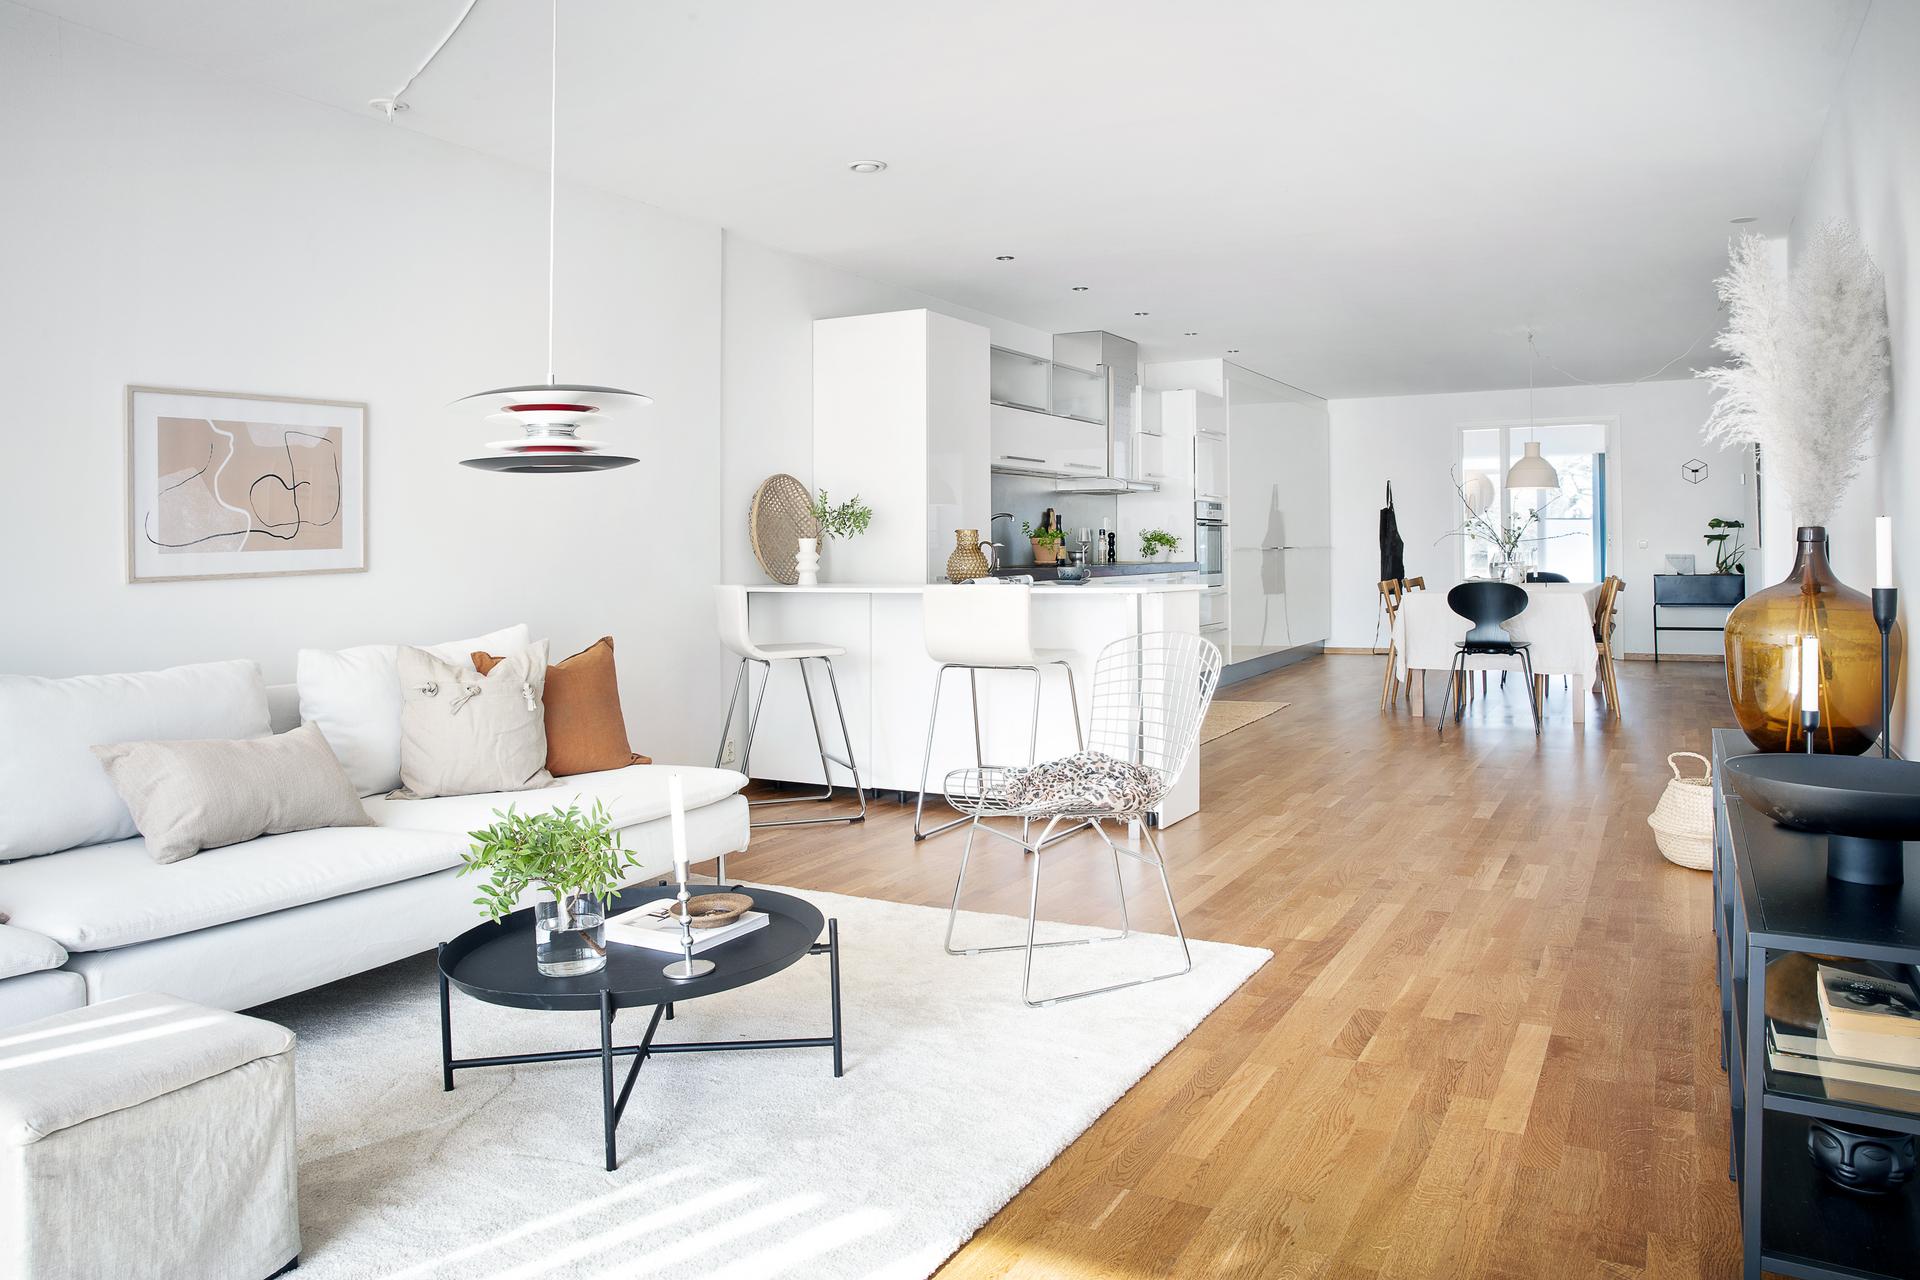 Öppen planlösning med vardagsrum, matplats och kök